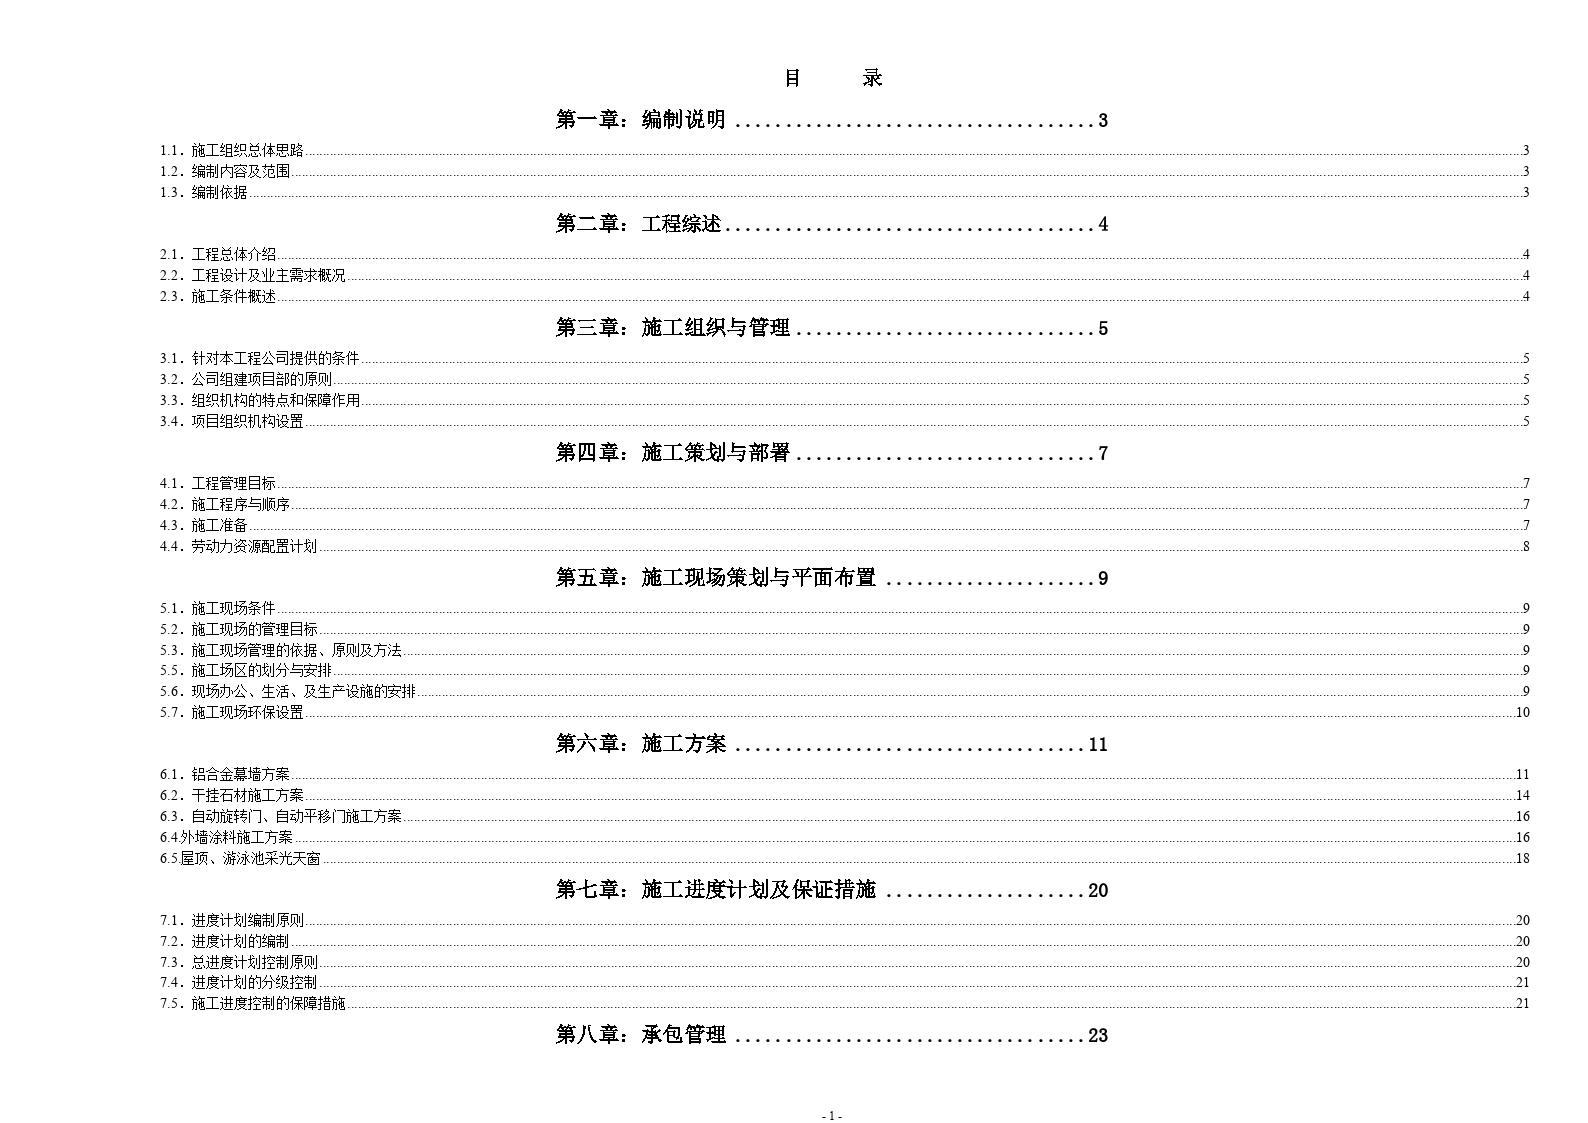 【给排水组织设计】北京某国际广场某大厦外墙装修工程大厦装修施工组织设计方案-图一